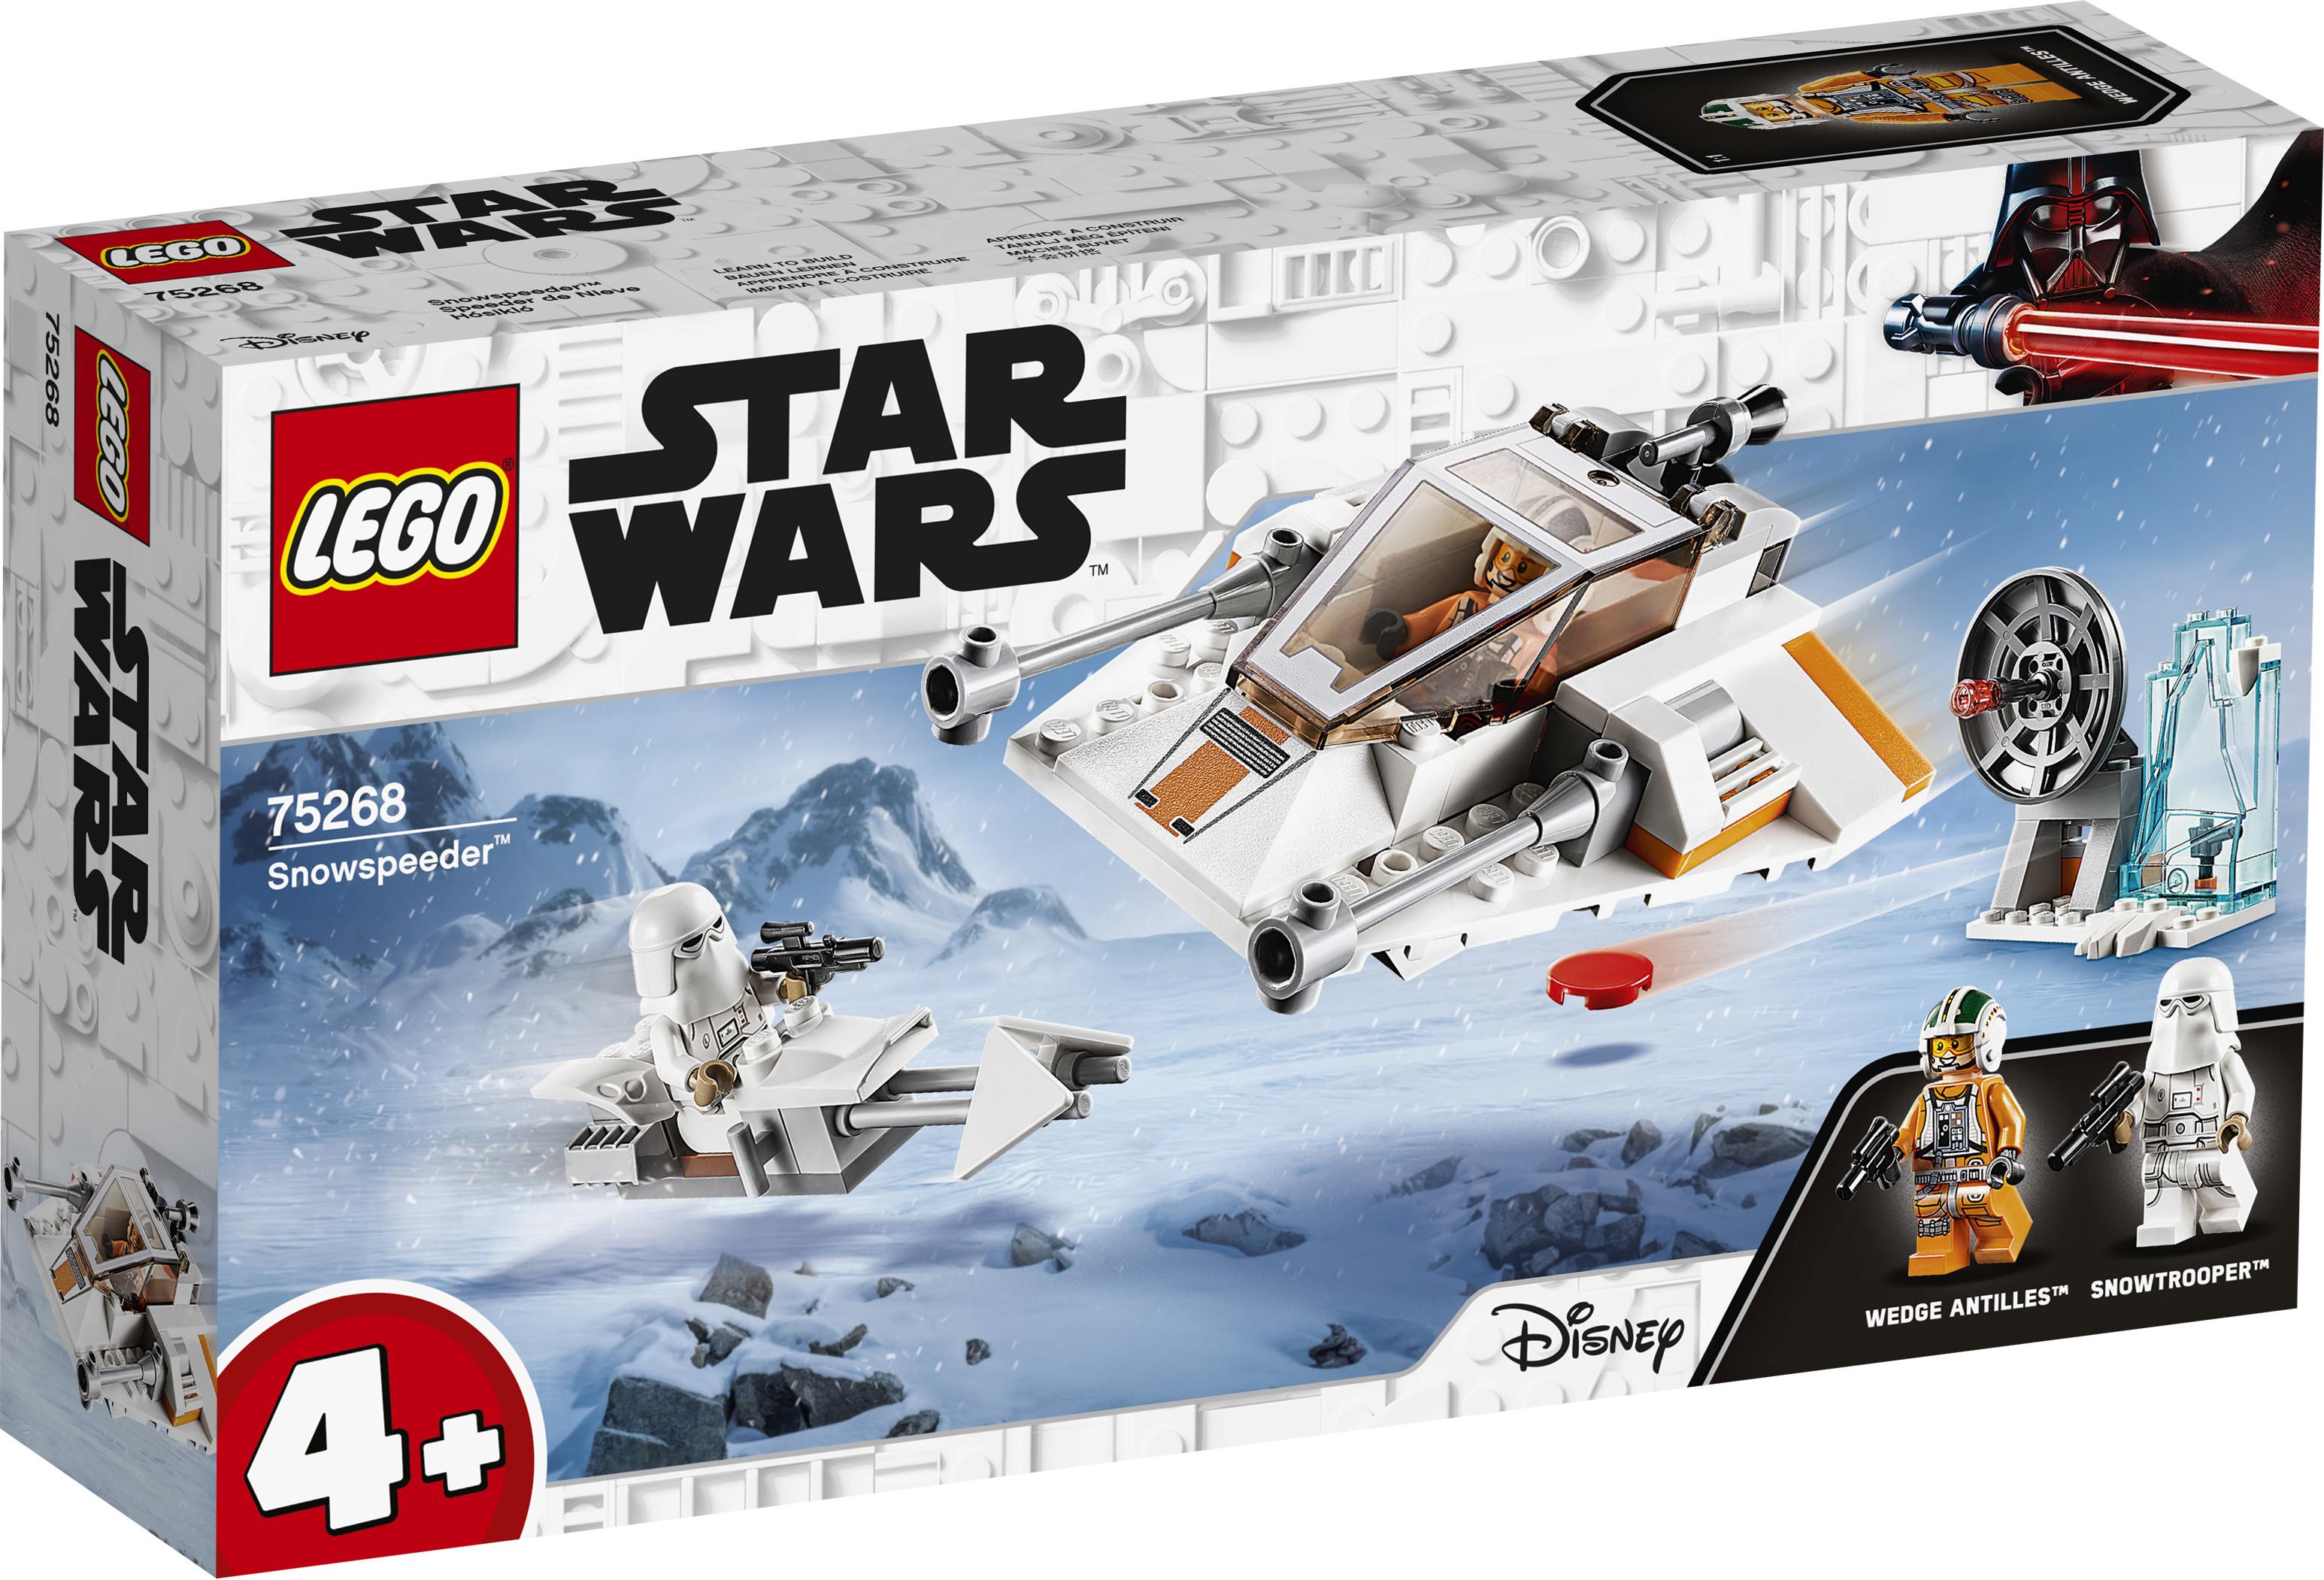 LEGO Star Wars Snowspeeder (75268)